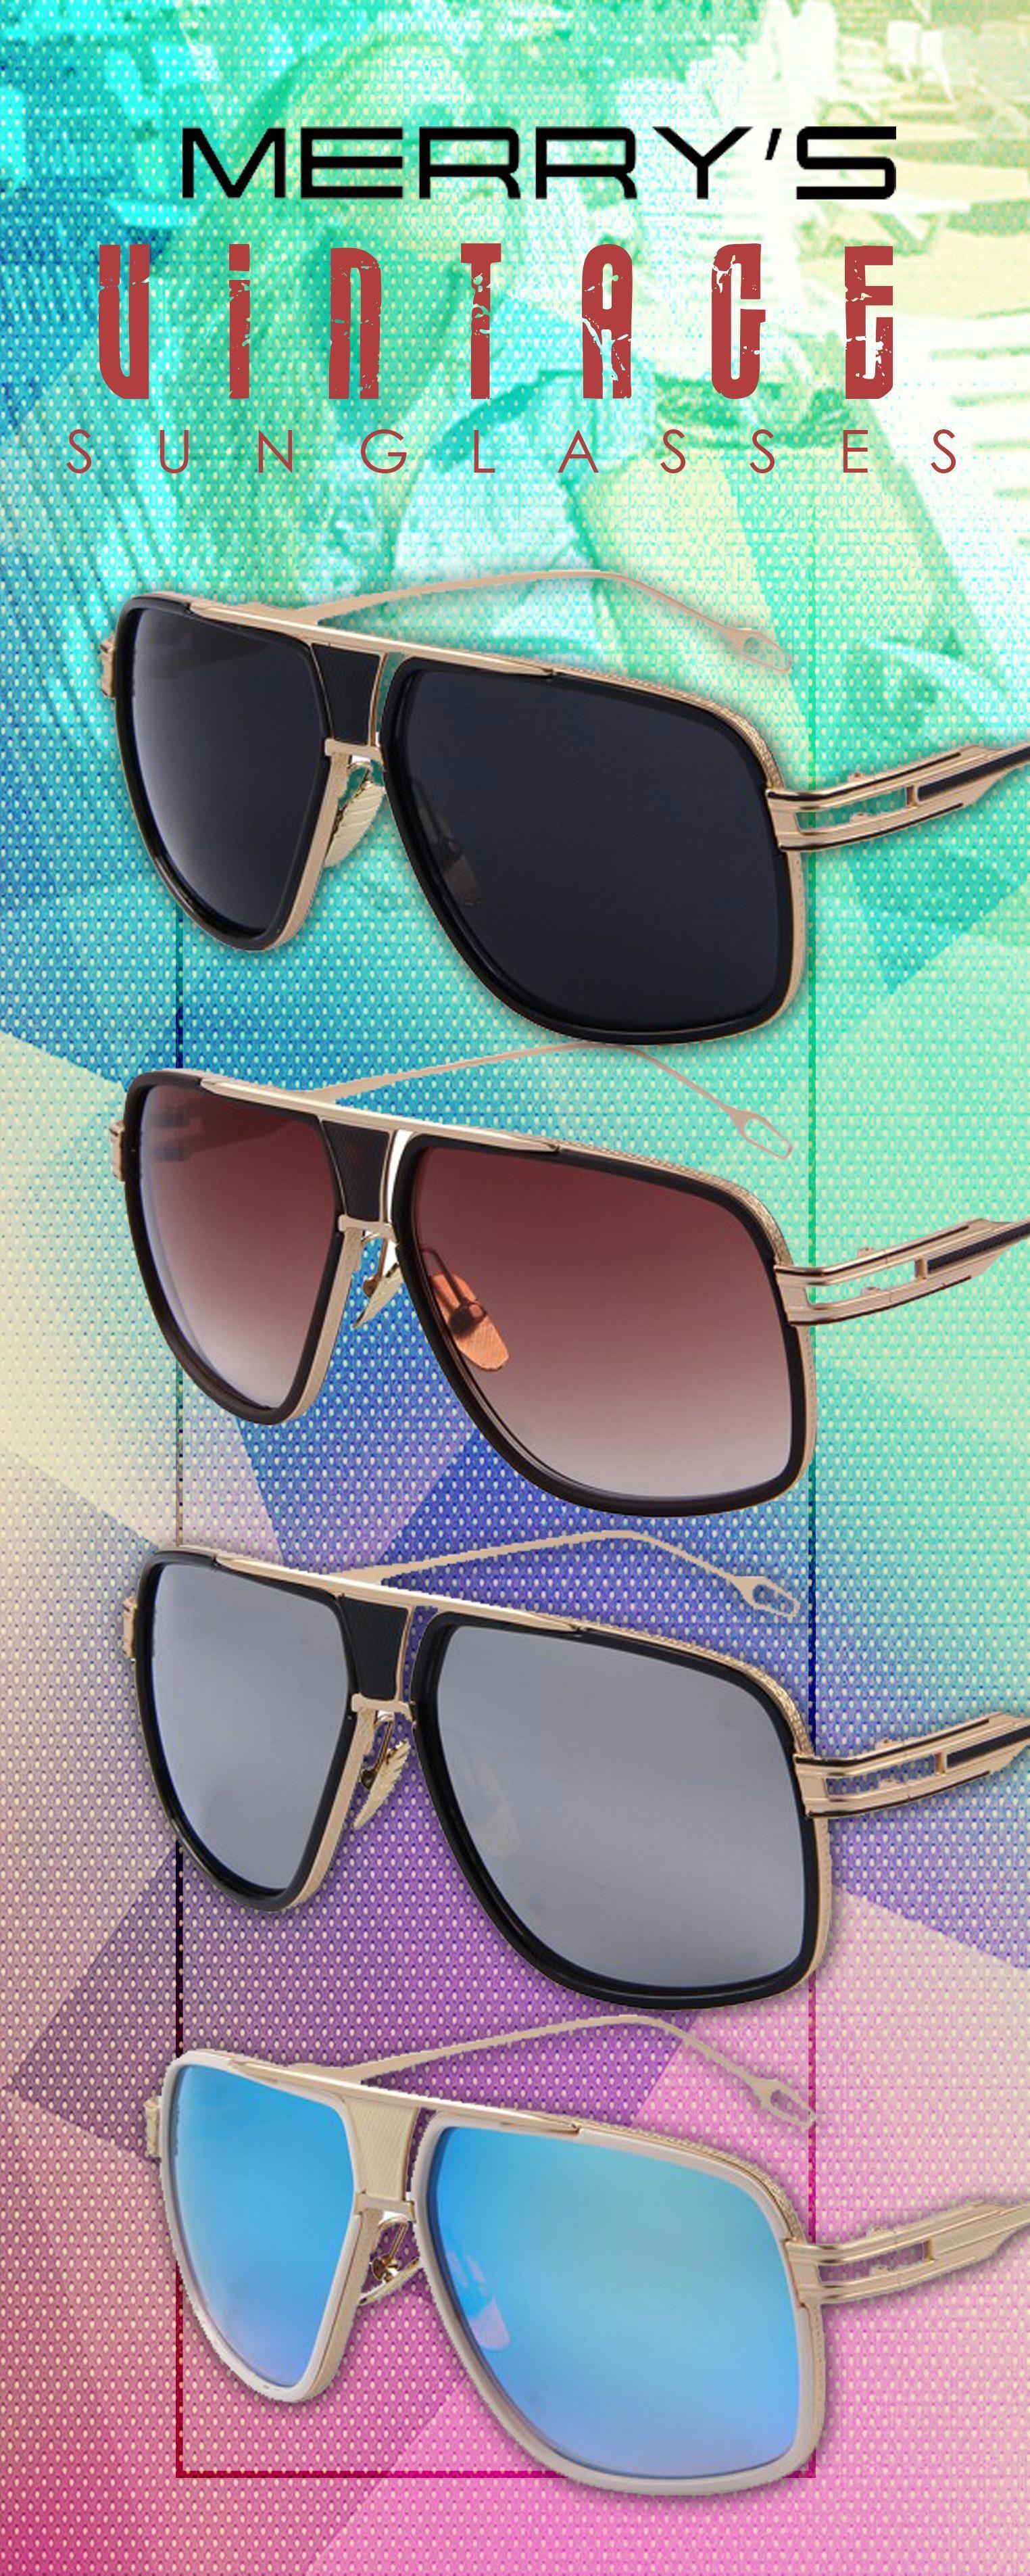 4e066089771 Men s UV400 Vintage Big Frame Summer Sun Glasses - merry s Men s affordable  top brand designer style